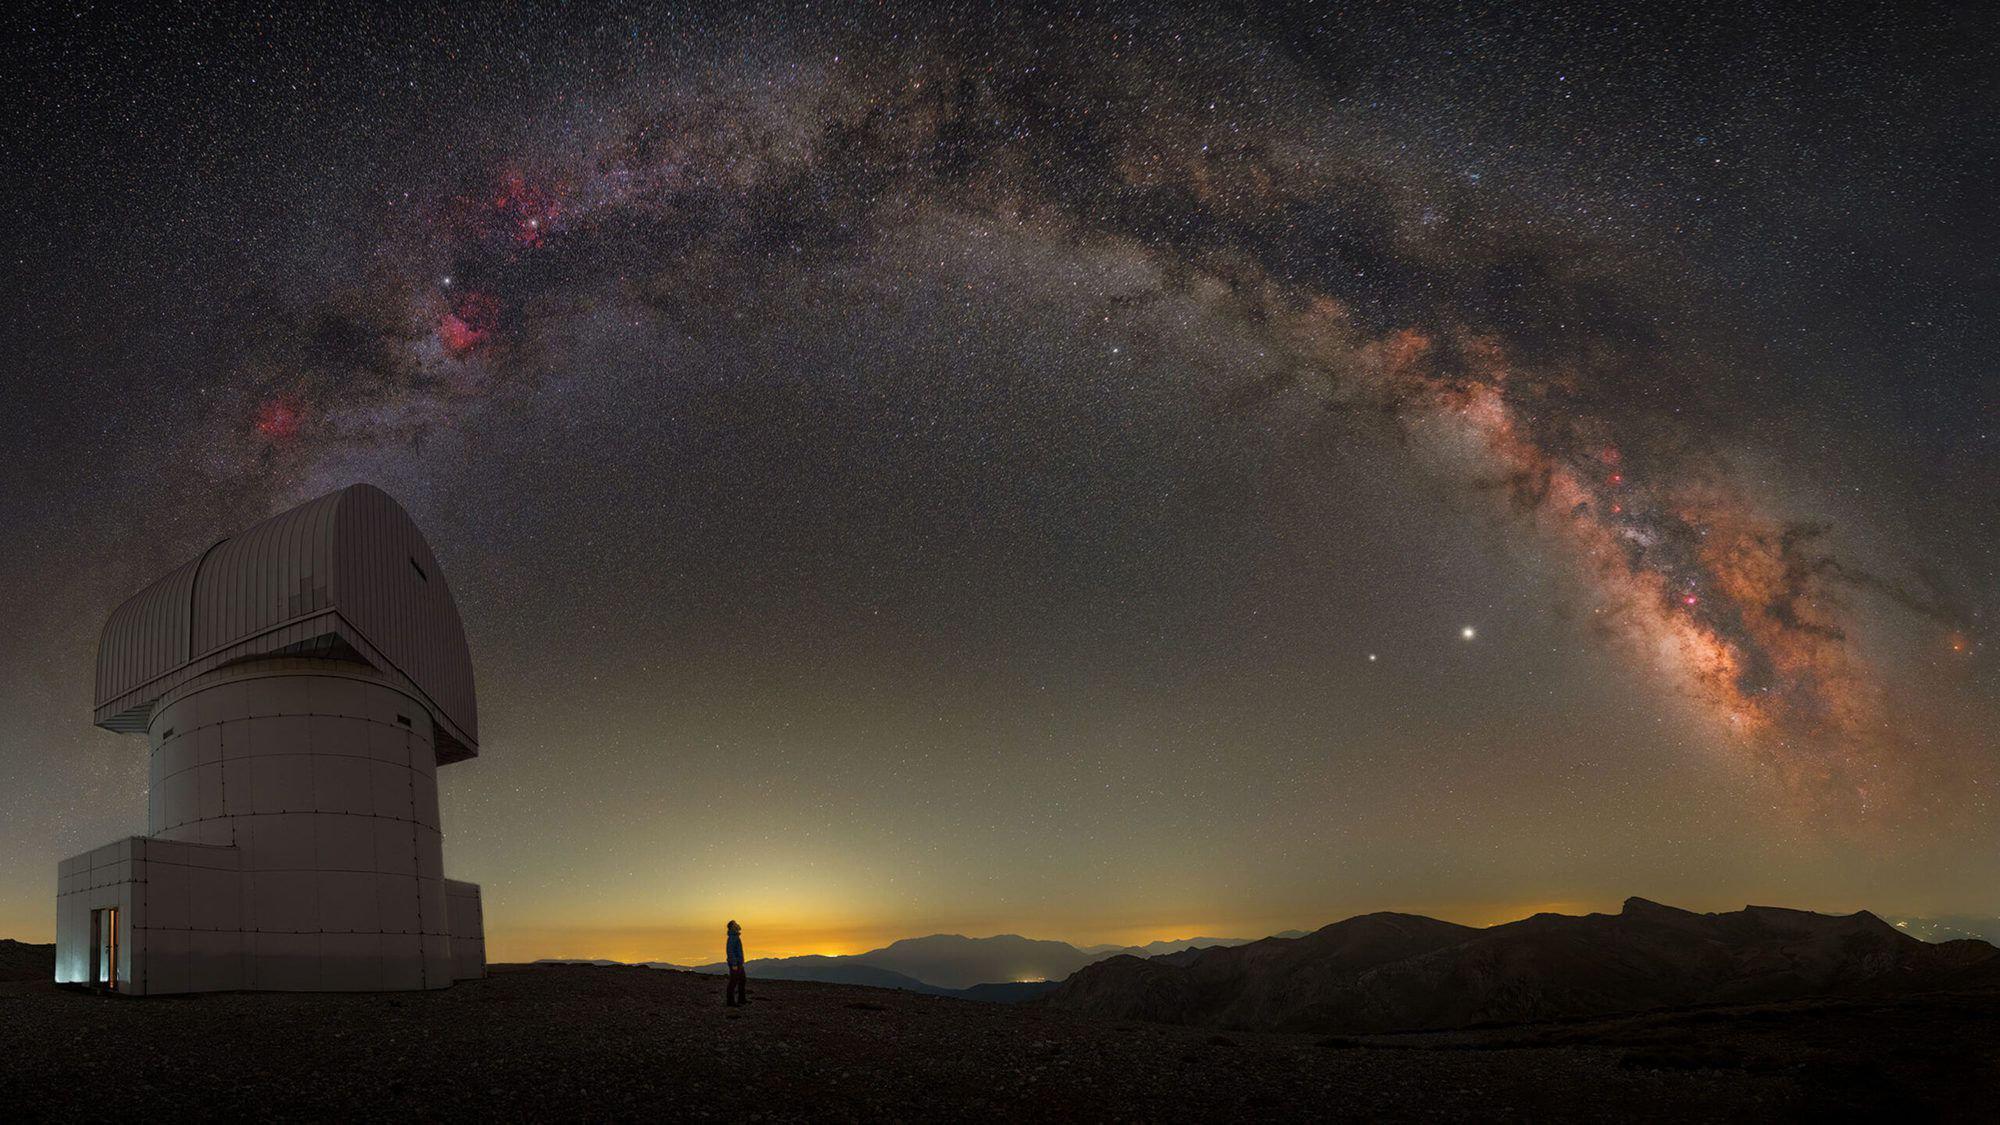 צילום: CONSTANTINE THEMELIS - THE 2021 MILKY WAY PHOTOGRAPHER OF THE YEAR